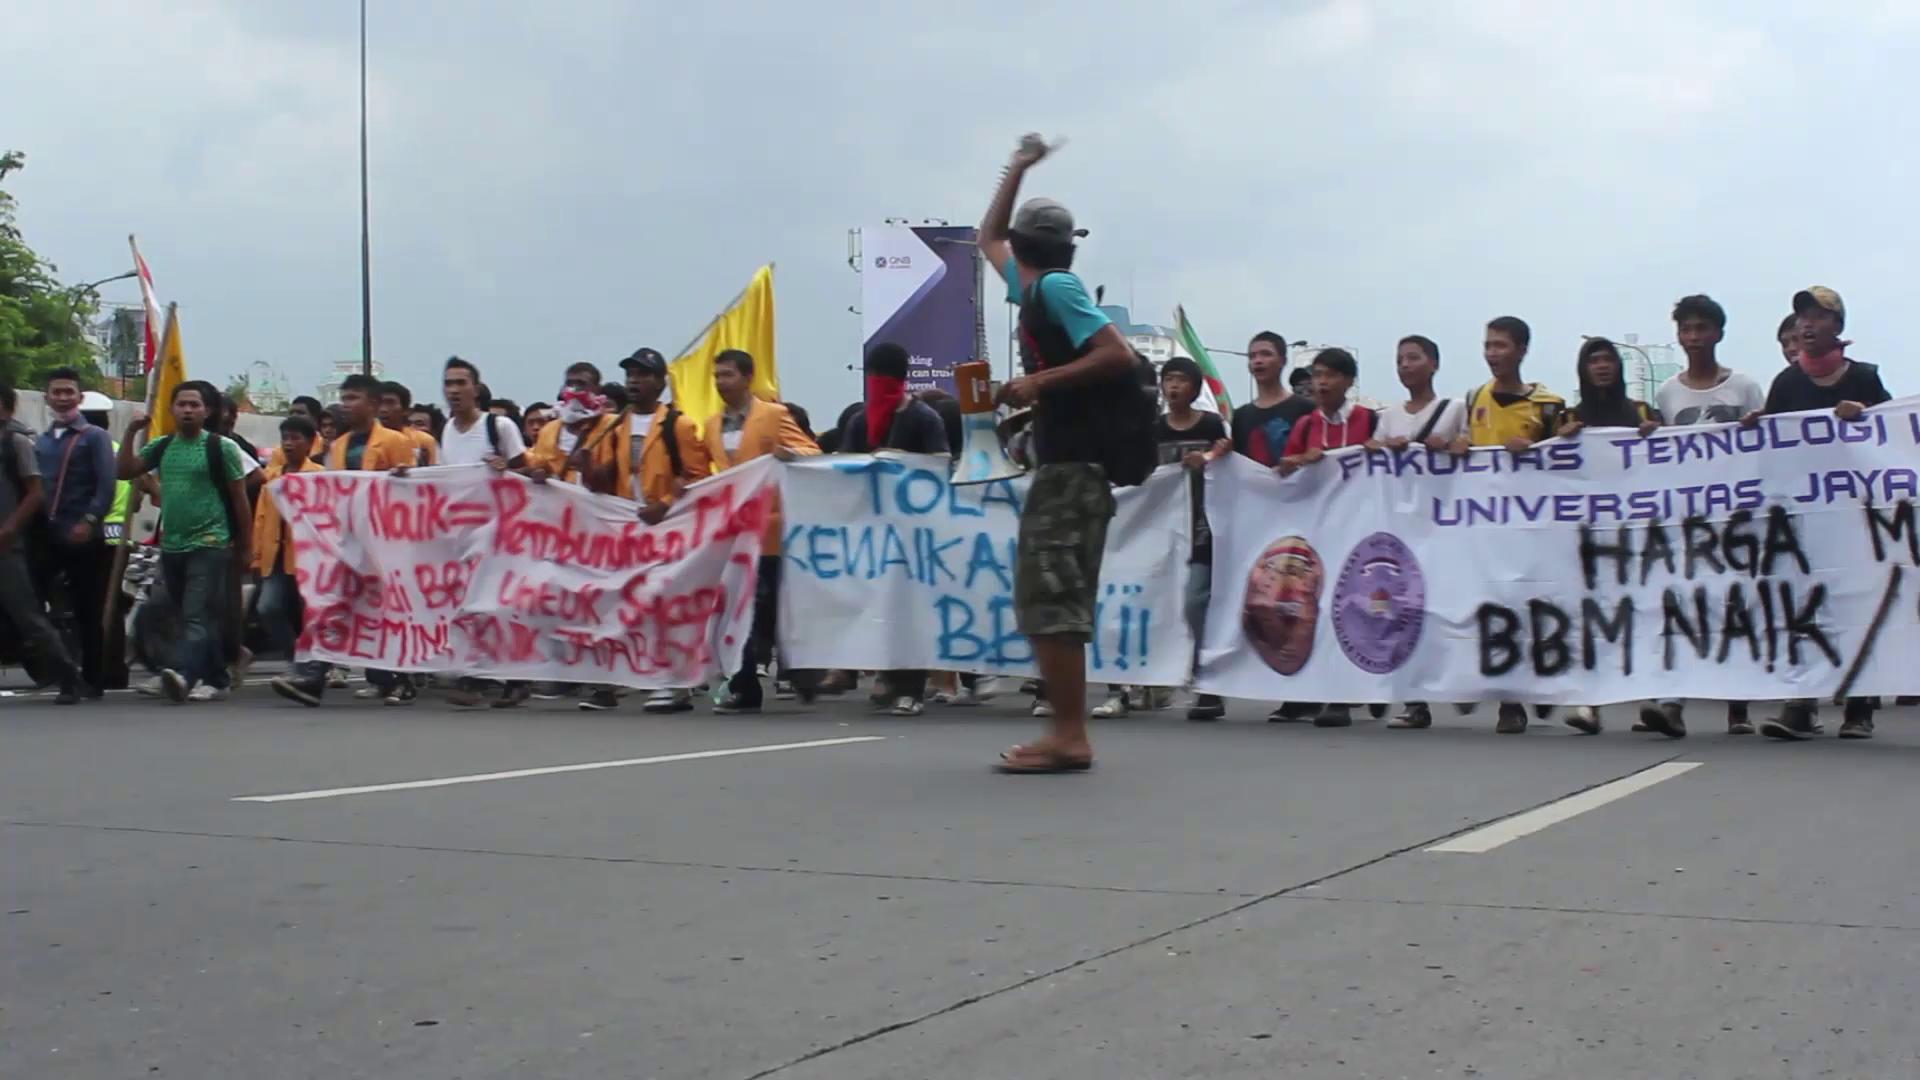 Apa arti berbagai protes menolak kenaikan BBM menjelan 1 April 2012?